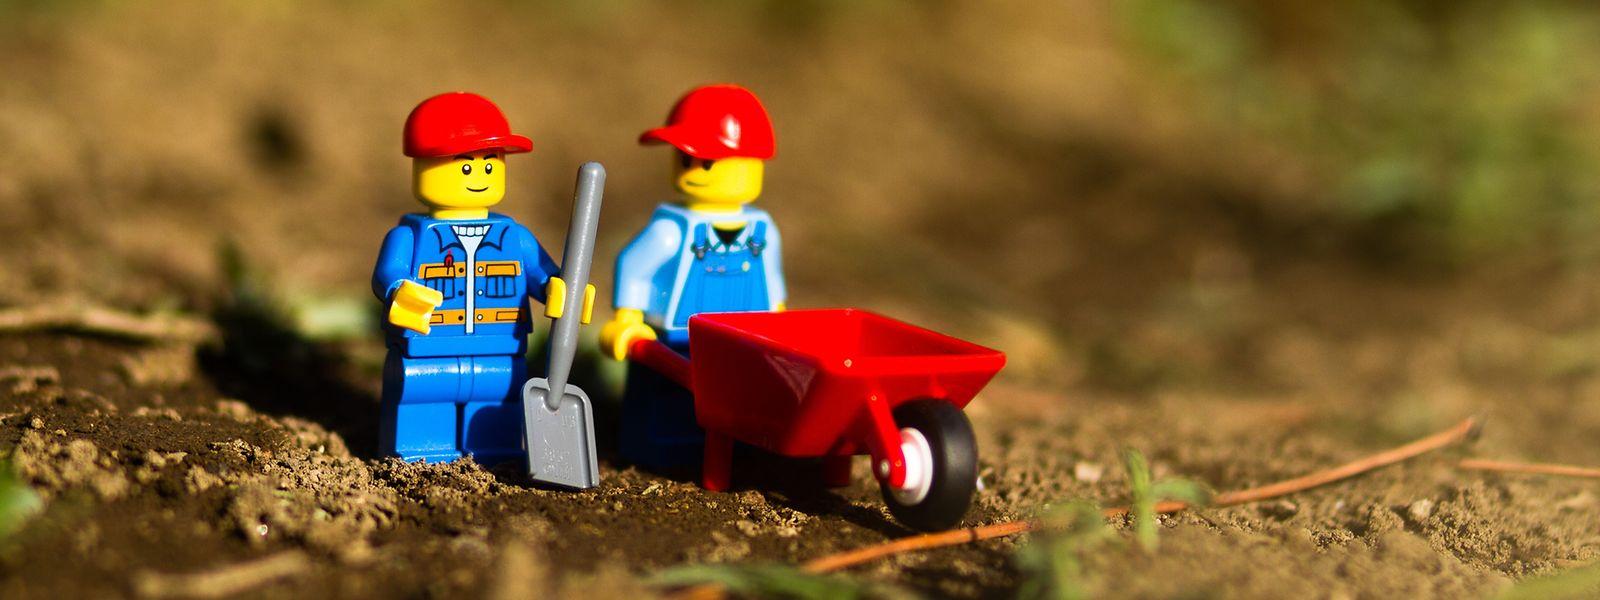 Bausteine auf Basis von Zuckerrohr und anderen nachhaltigen Stoffen sollen die herkömmlichen Klötze nach und nach ersetzen.